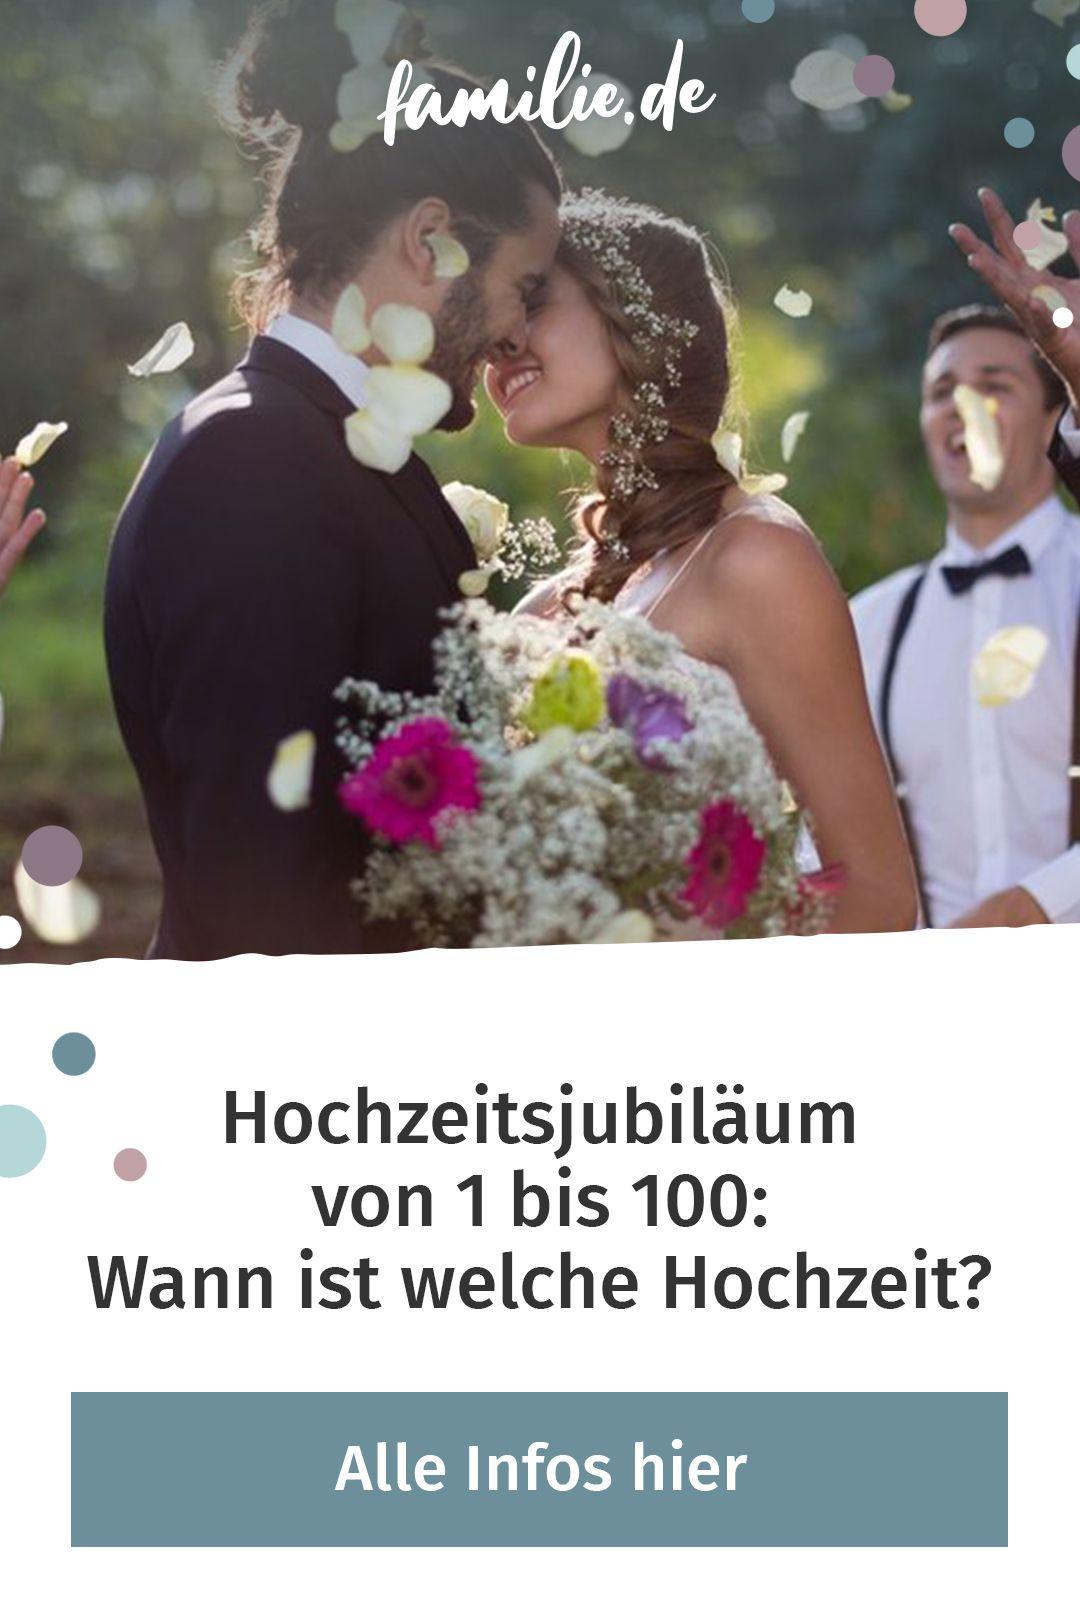 Hochzeitsjubiläum von 1 bis 100: Wann ist welche Hochzeit